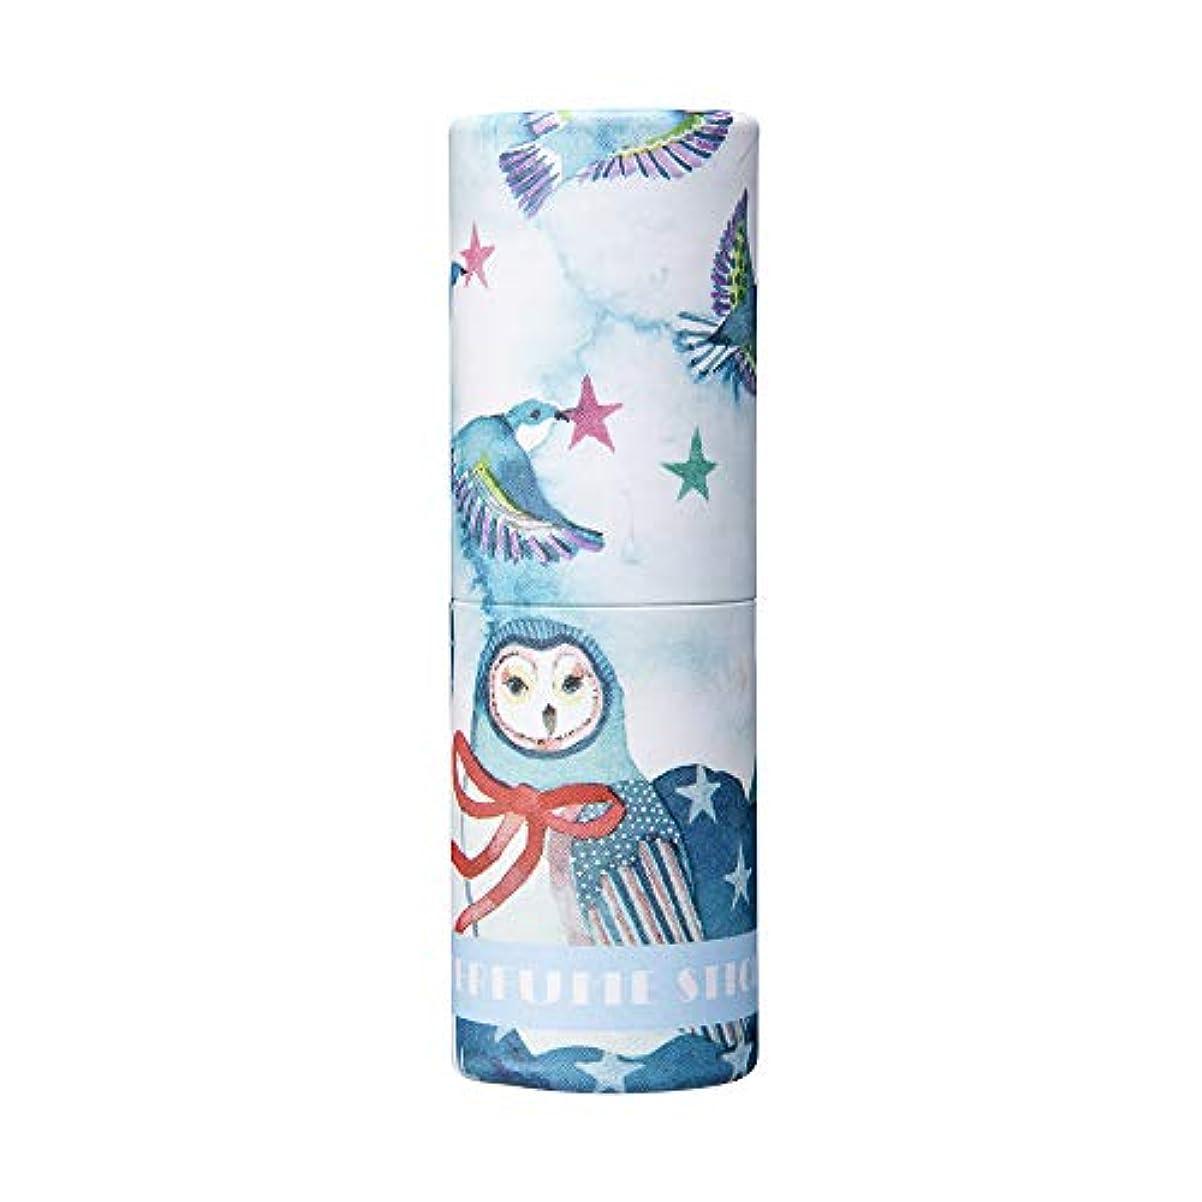 貯水池落ち着いたとげパフュームスティック ウィッシュ ホワイトフラワー&シャボンの香り CatoFriendデザイン 5g